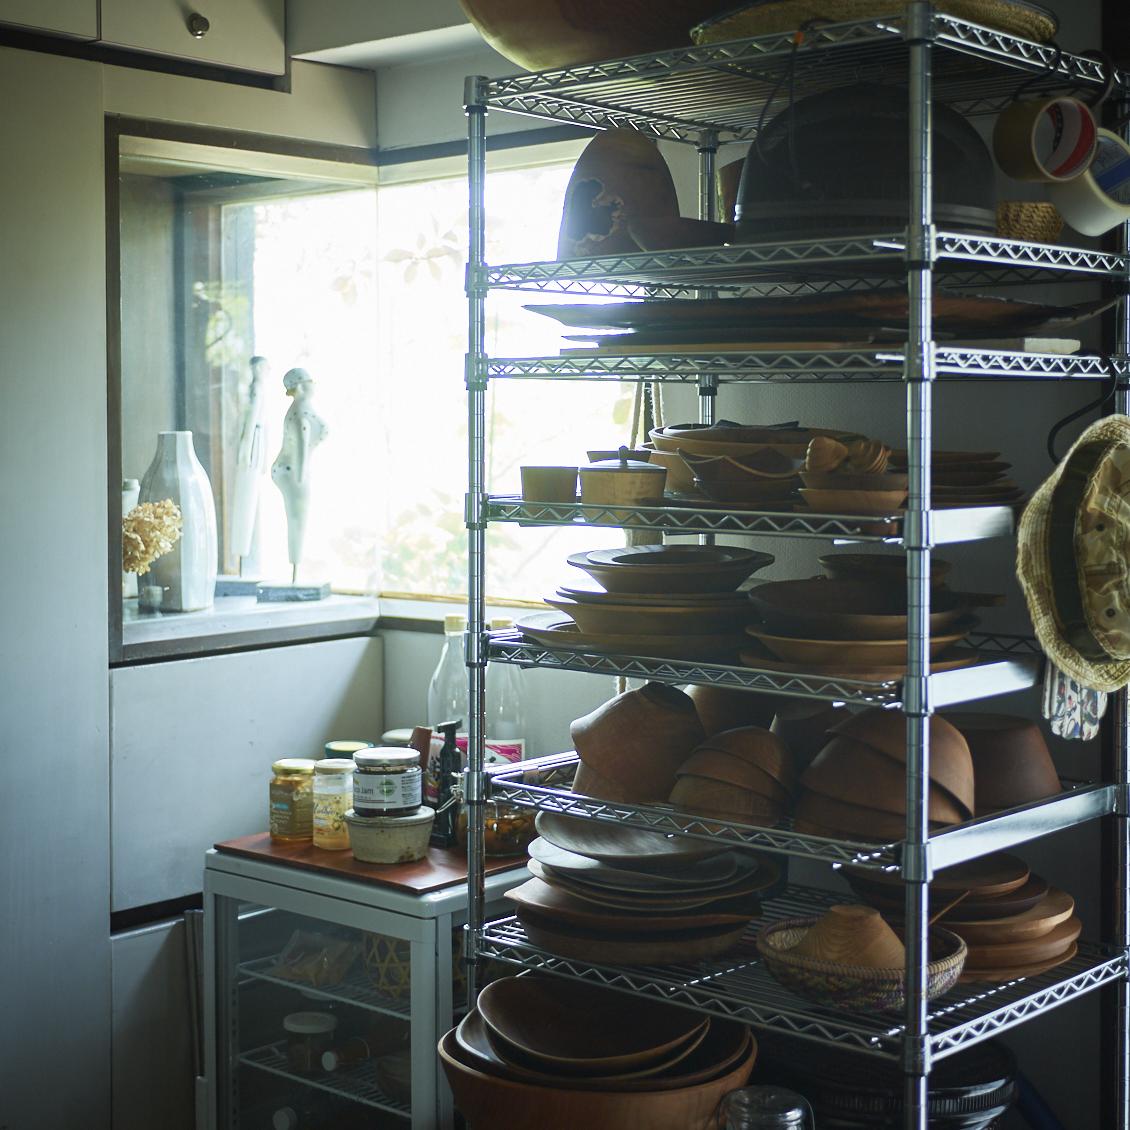 スチールラックが見違える!キッチンダイニングの収納アイデア - 北欧